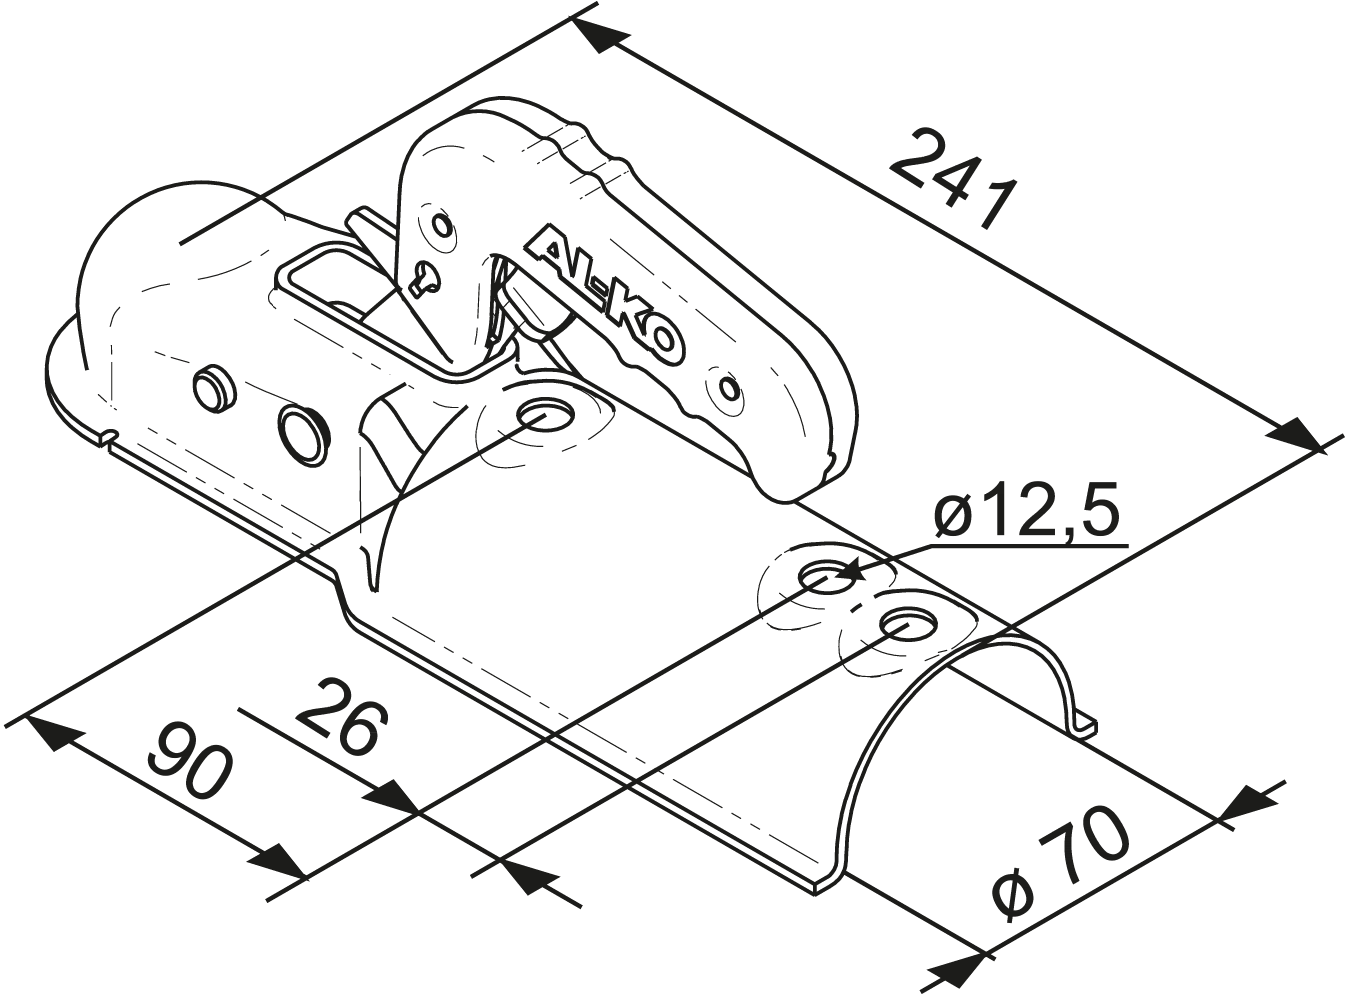 Alko Kupplung Verschleißanzeige : original alko kugelkupplung 750 kg ak 7 ausf c kupplung ~ Kayakingforconservation.com Haus und Dekorationen